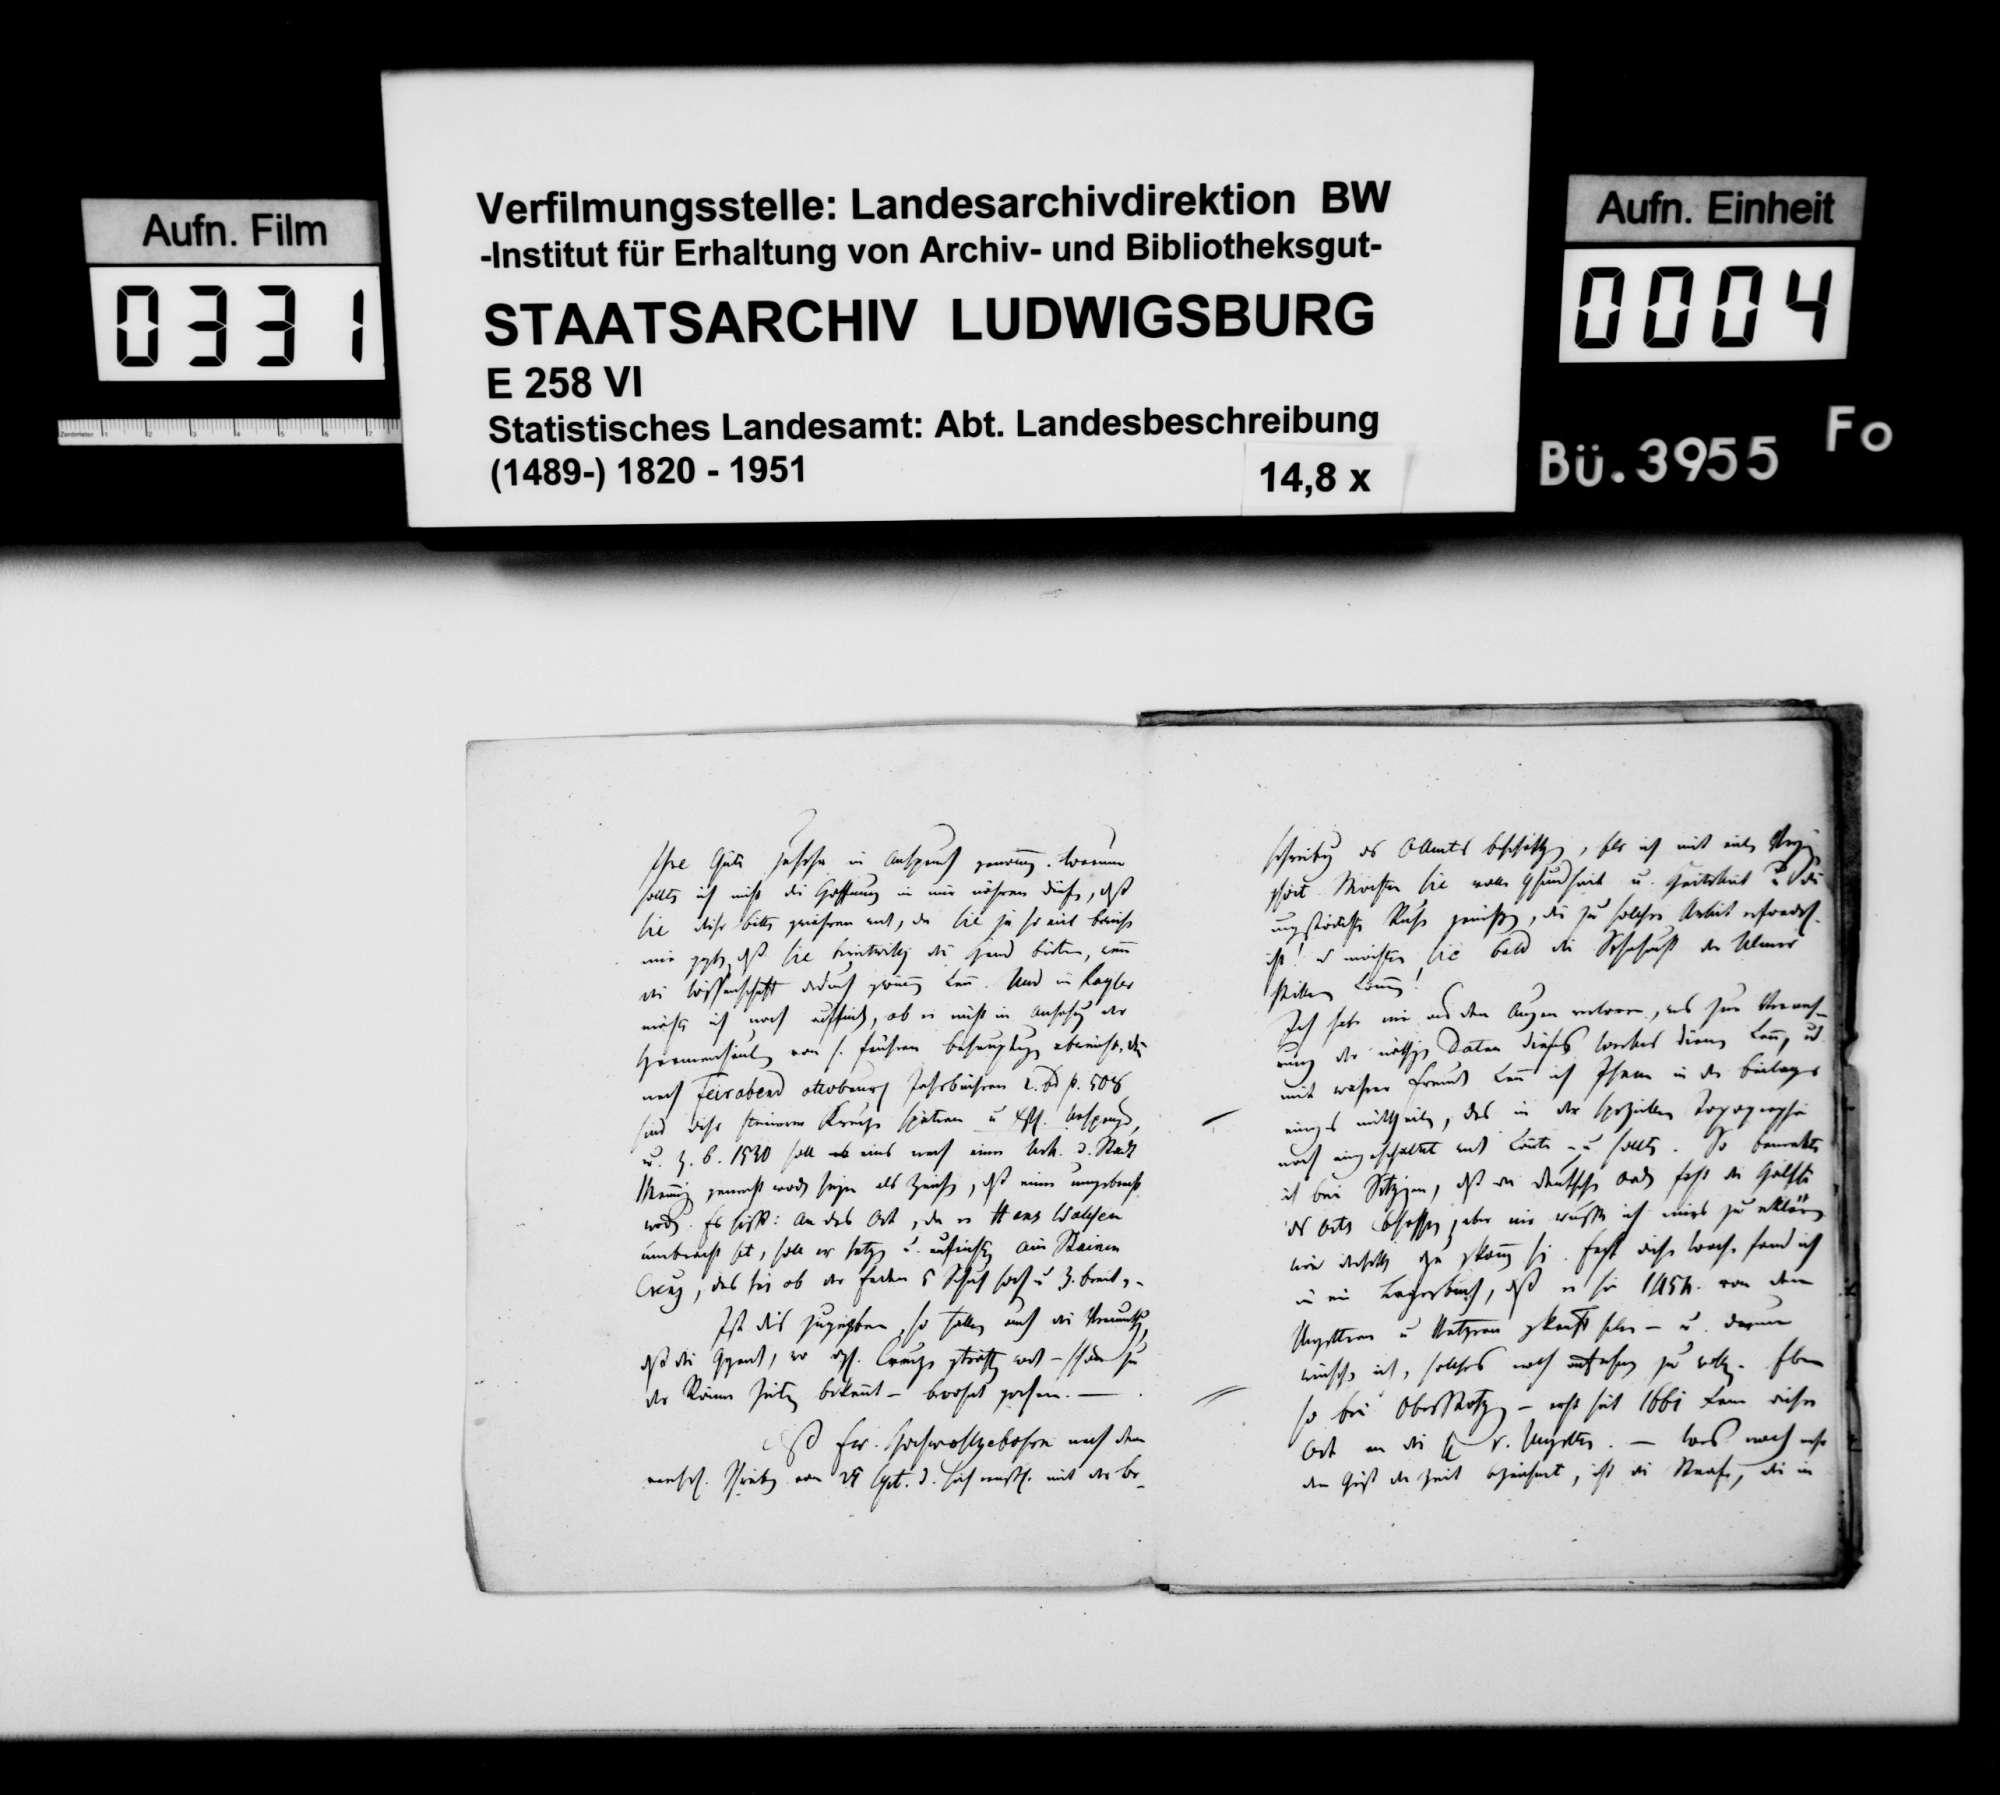 Mitarbeit an der und Auskünfte zur OAB, von Pfarrer Dieterich aus Langenau, Bild 3